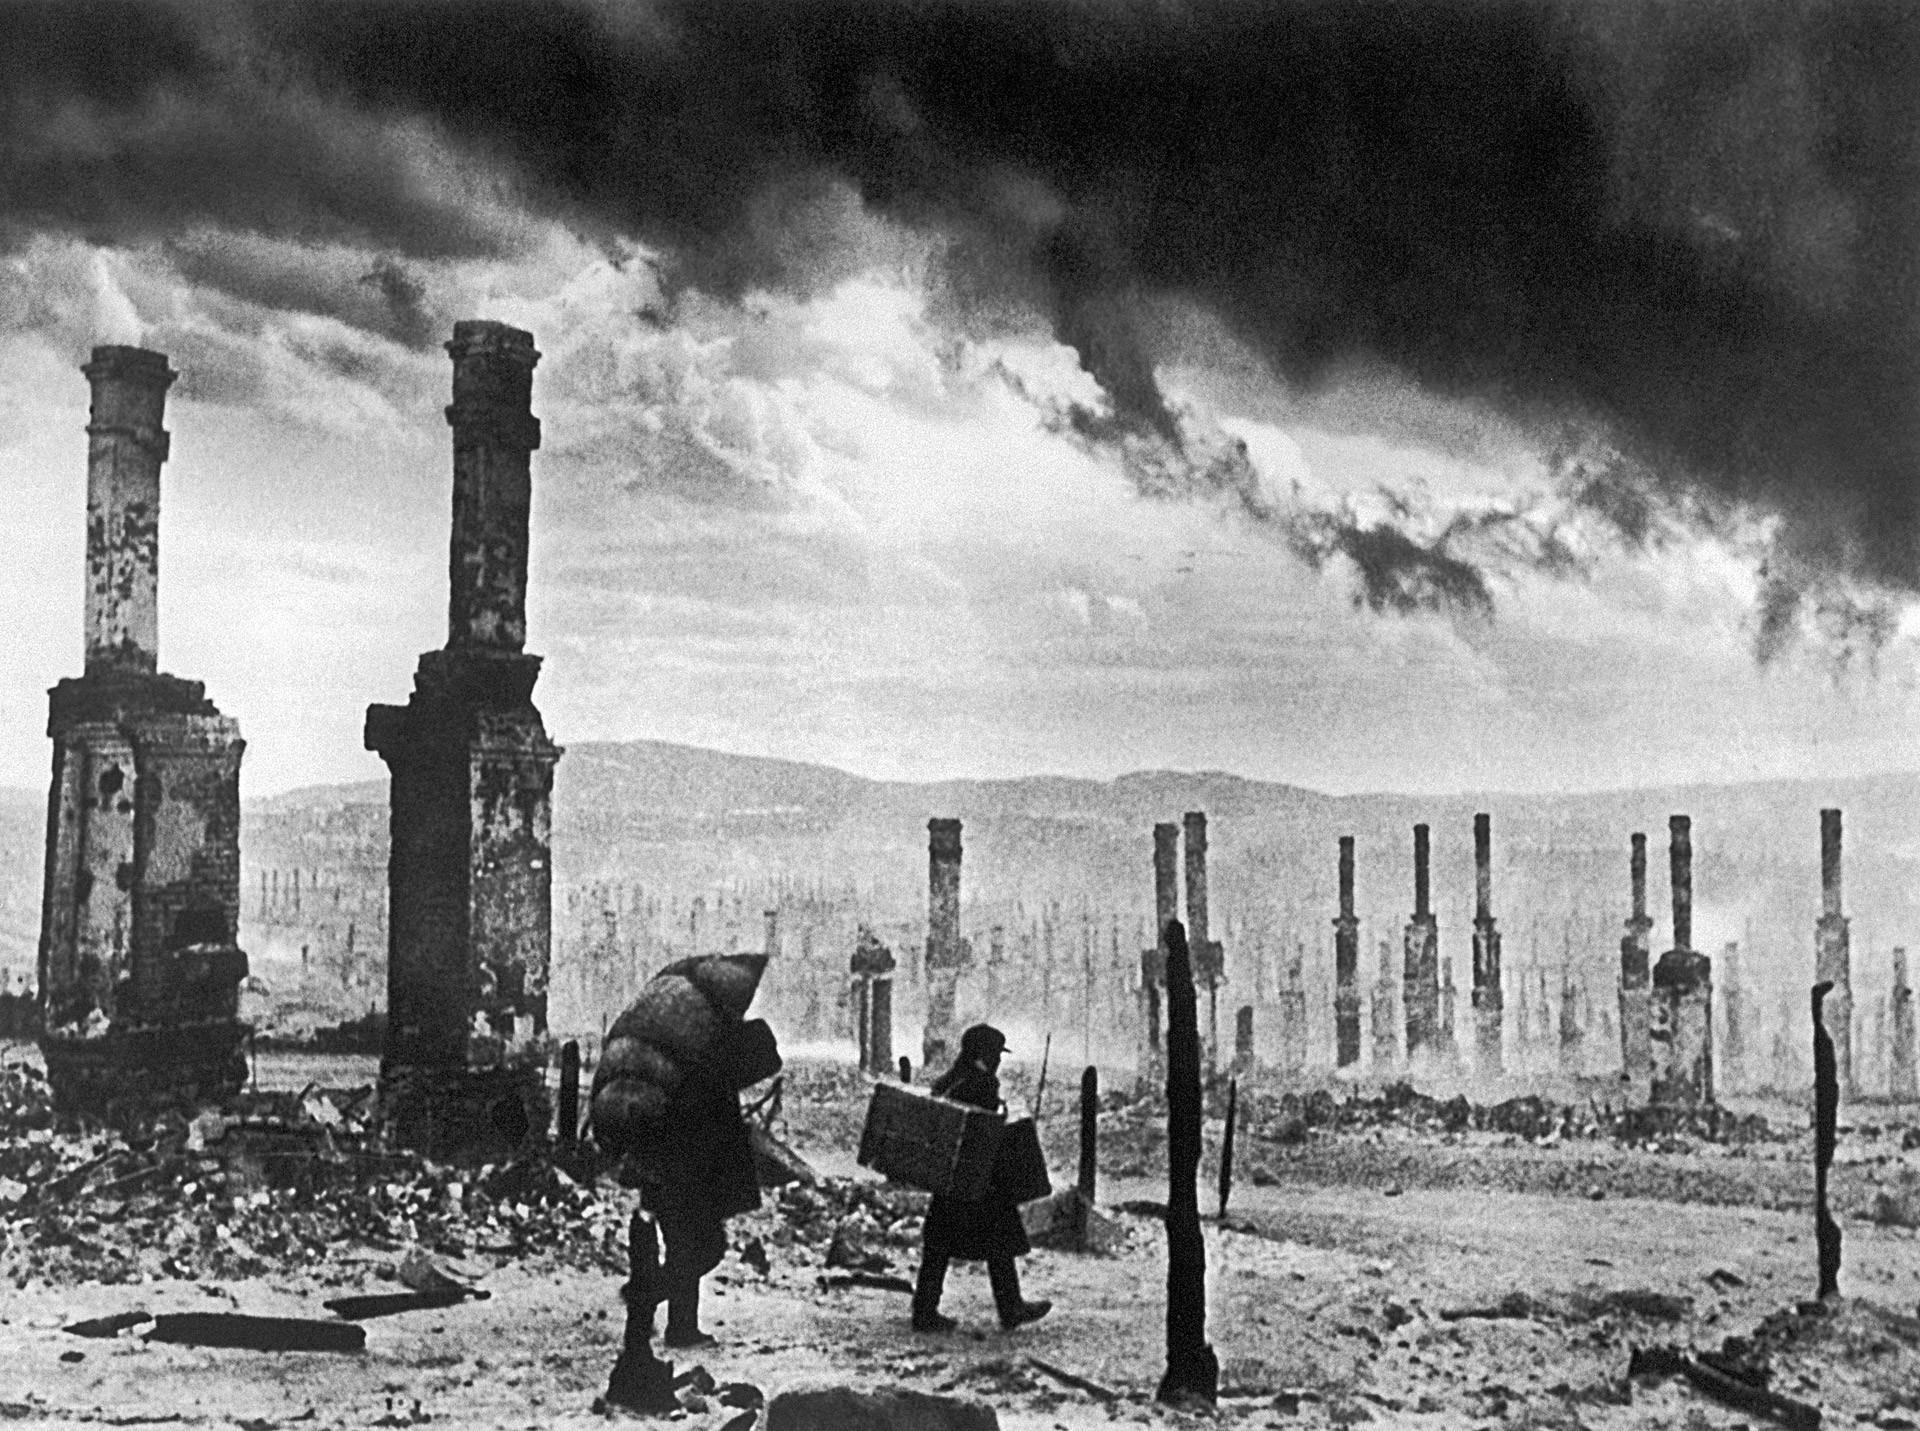 Урнатини на Мурманск по Втората светска војна.